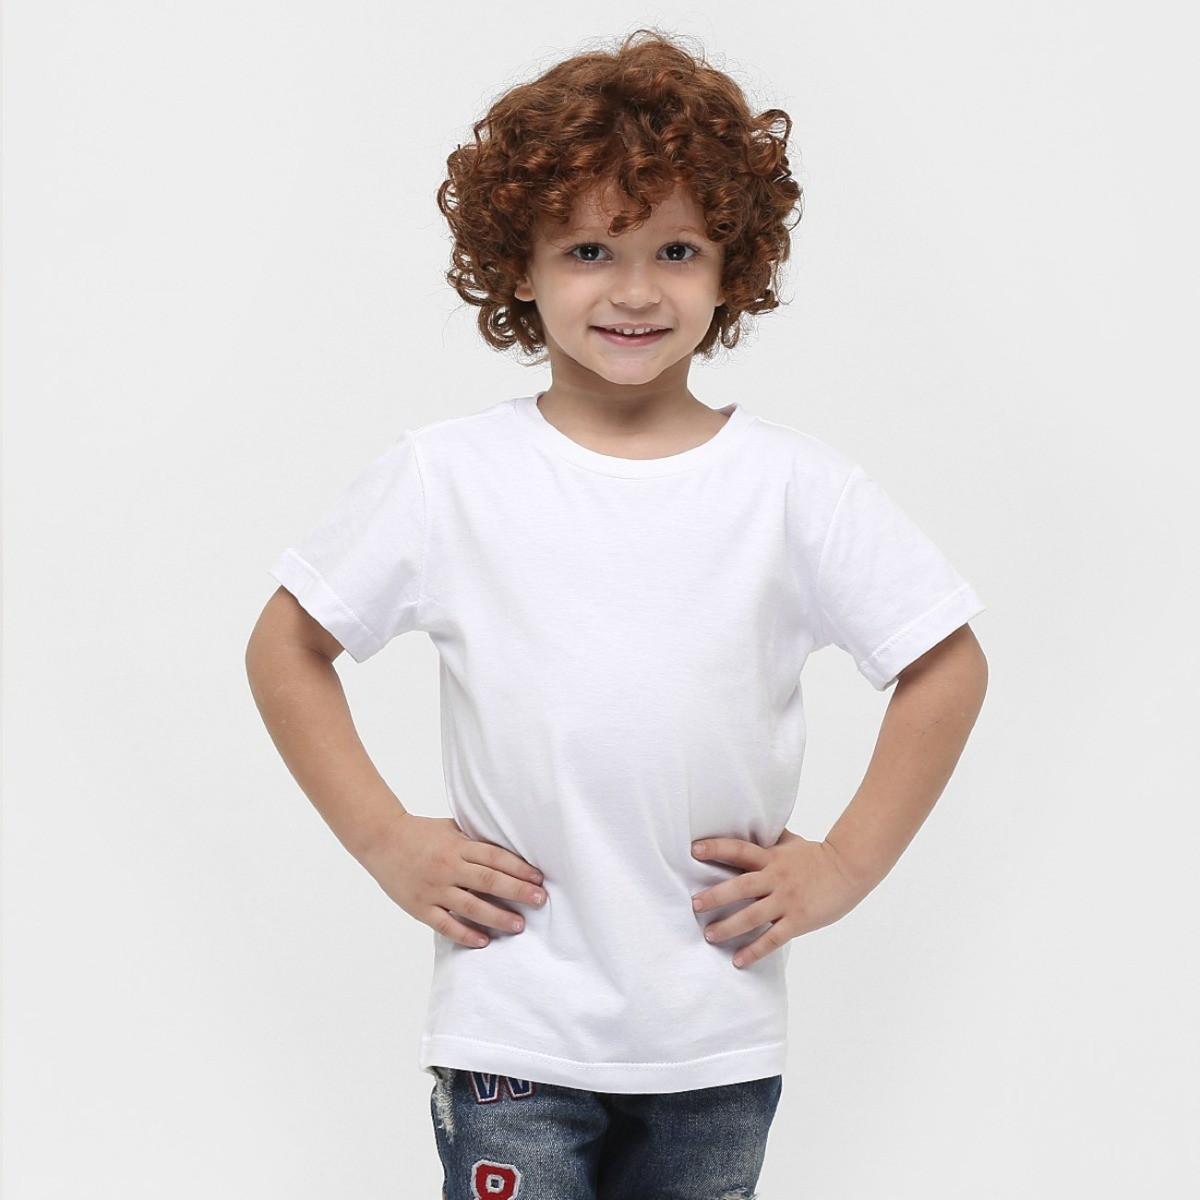 6527ee387f Camiseta Infantil Básica Lisa Algodão Cores Unissex Branca no Elo7 ...